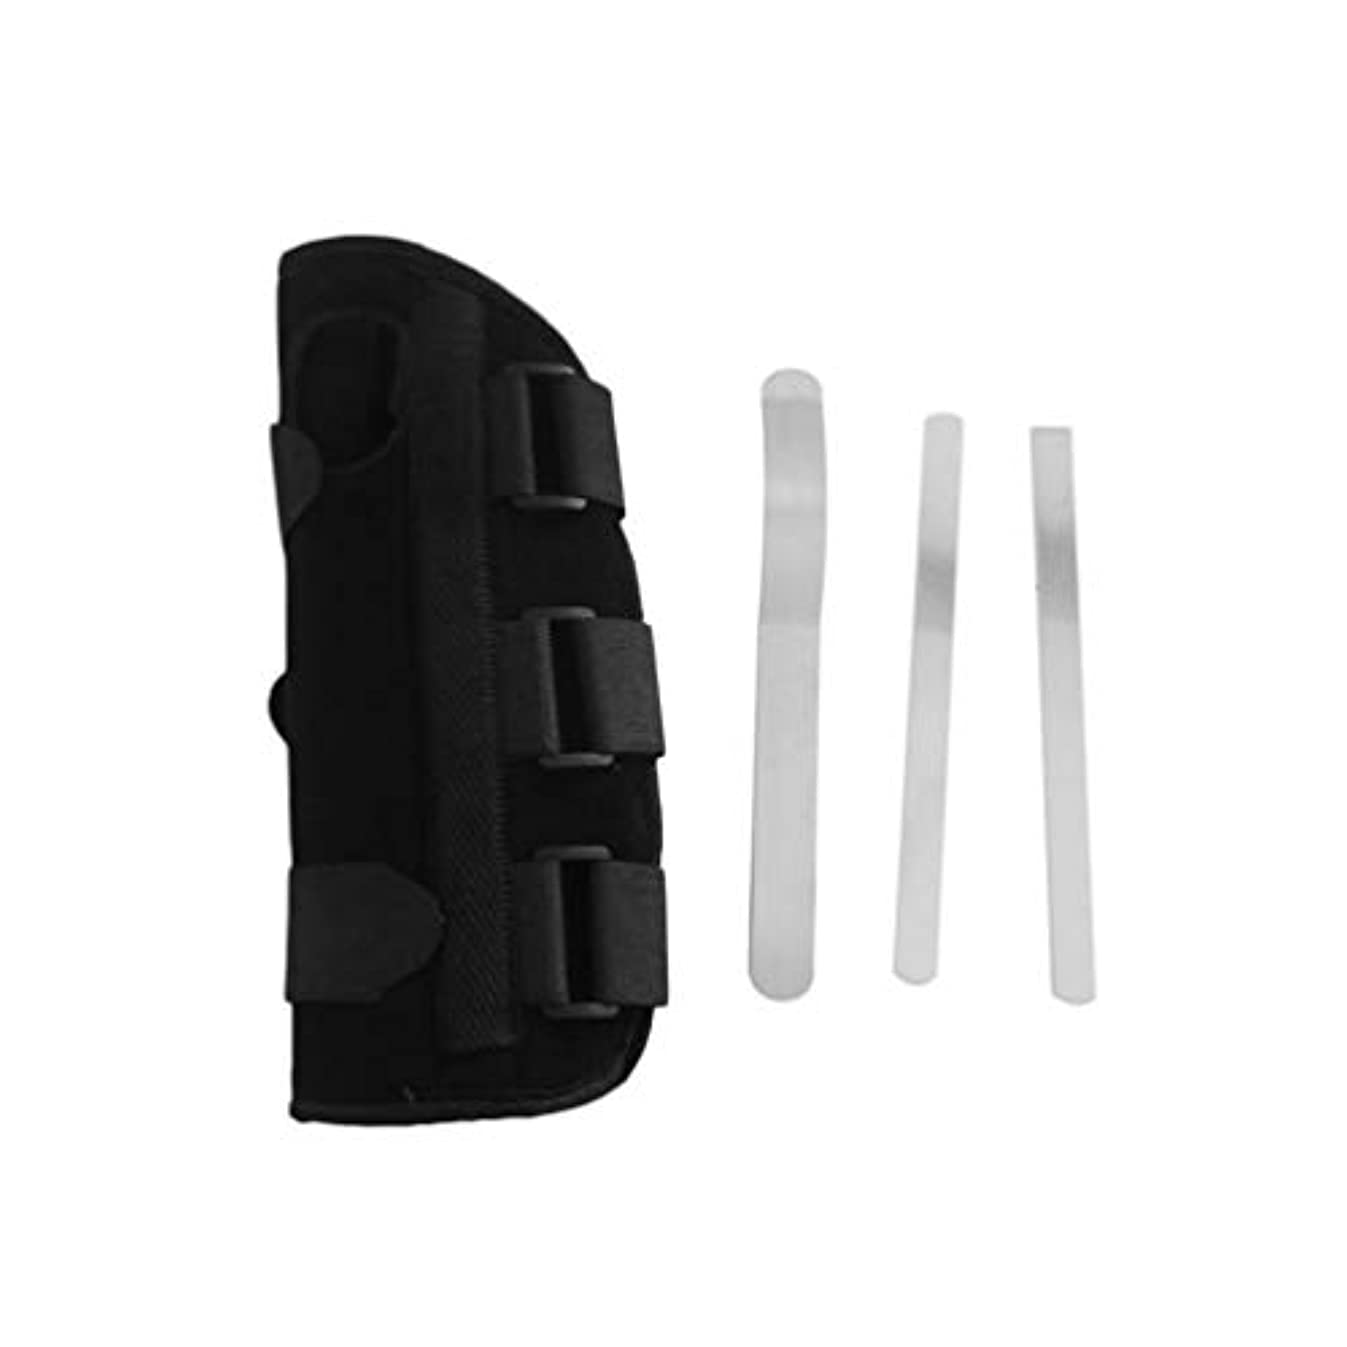 成人期血まみれイタリック手首副木ブレース保護サポートストラップカルペルトンネルCTS RSI痛み軽減リムーバブル副木快適な軽量ストラップ - ブラックM